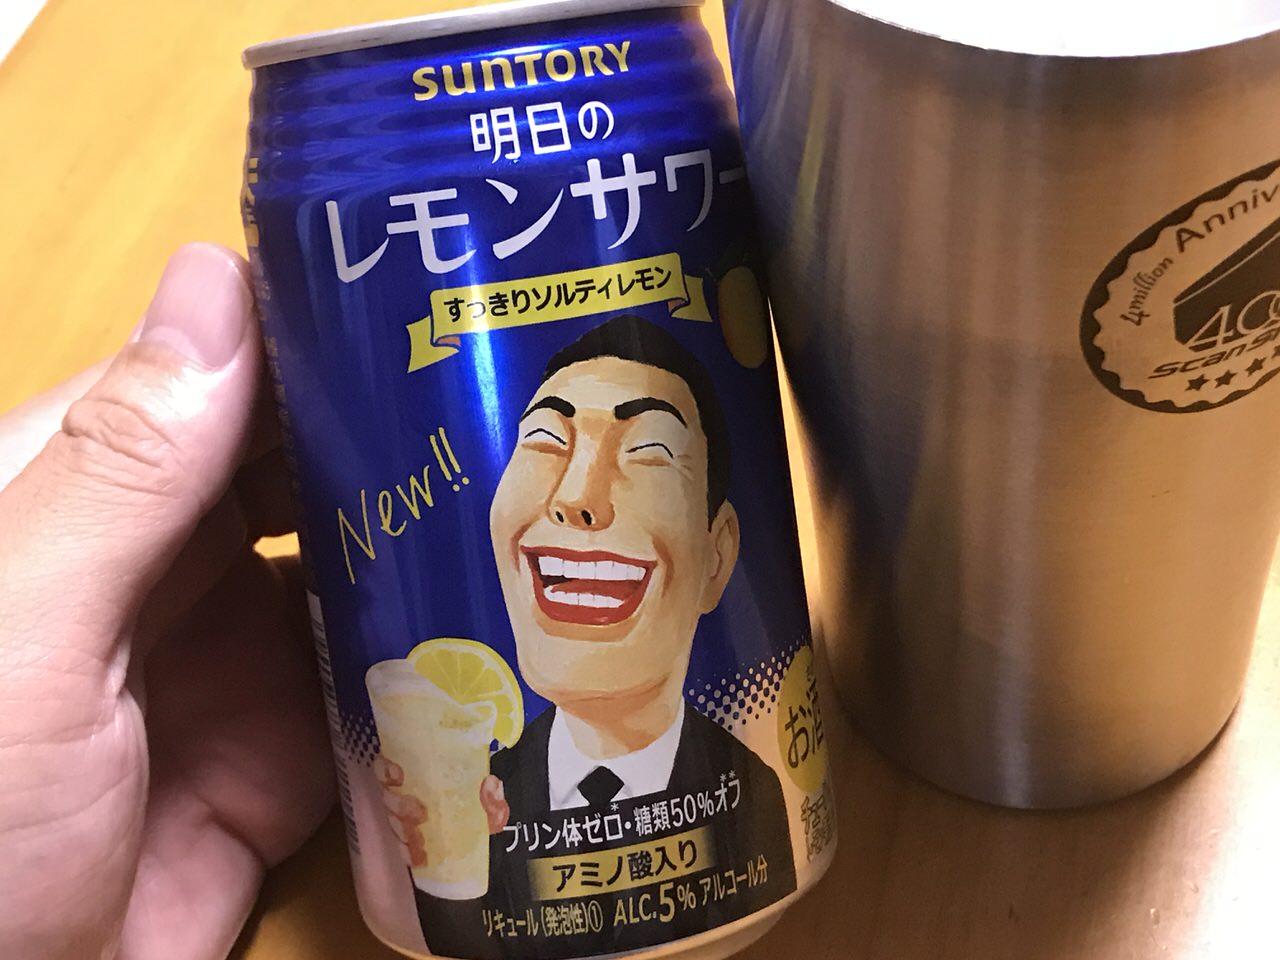 サントリー「明日のレモンサワー」すっきりソルティレモンを呑んでみた